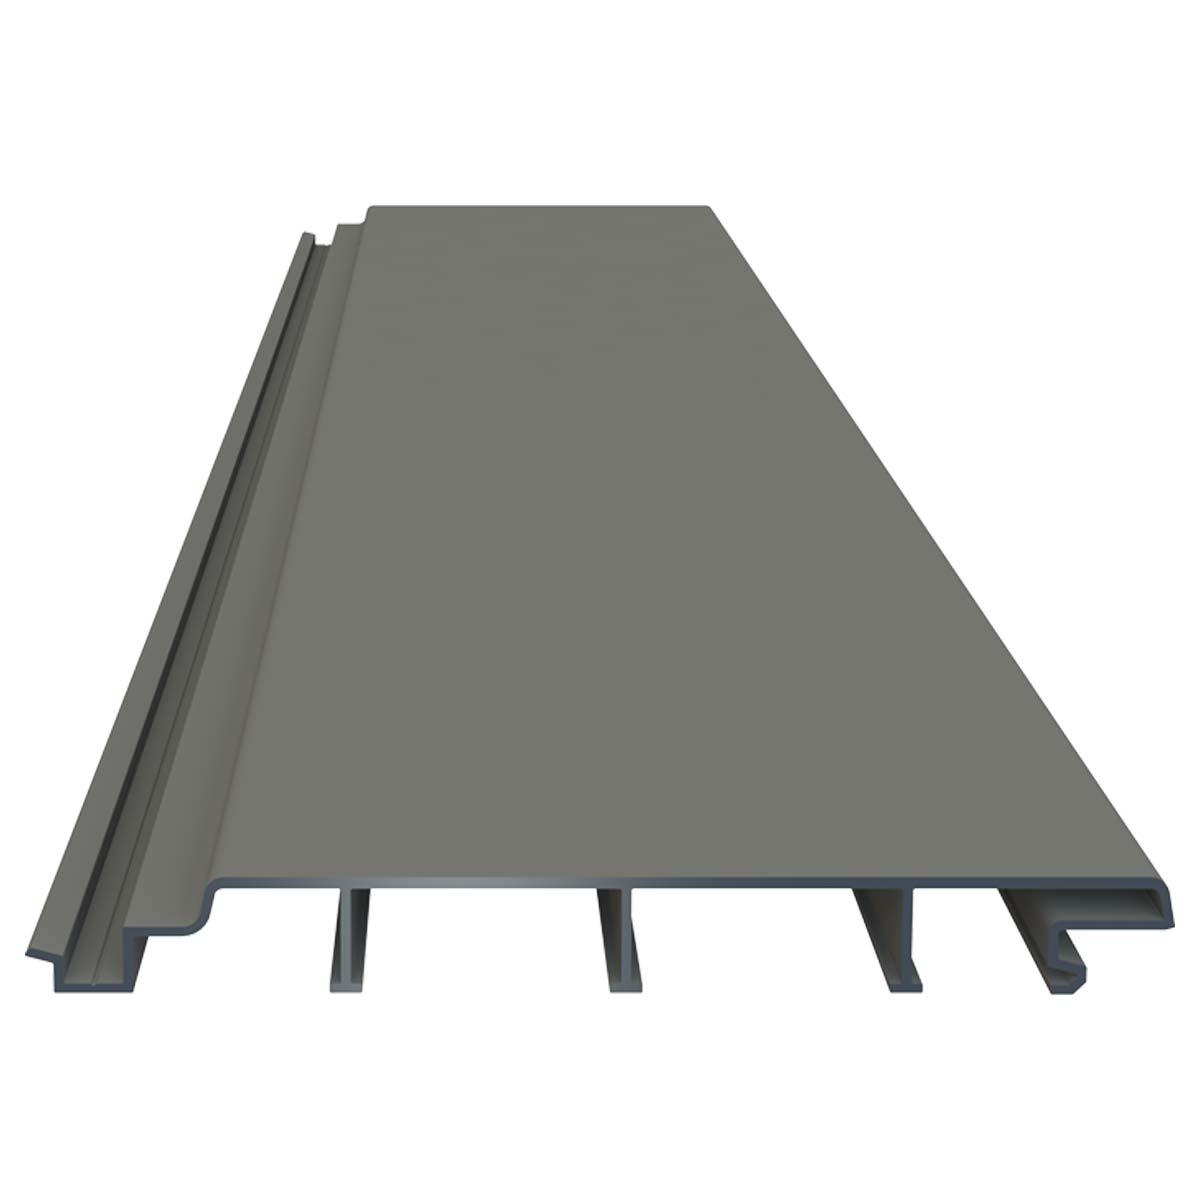 selekta Aluminium 823 - https://www.werzalit.com/nl/product/selekta-aluminium/